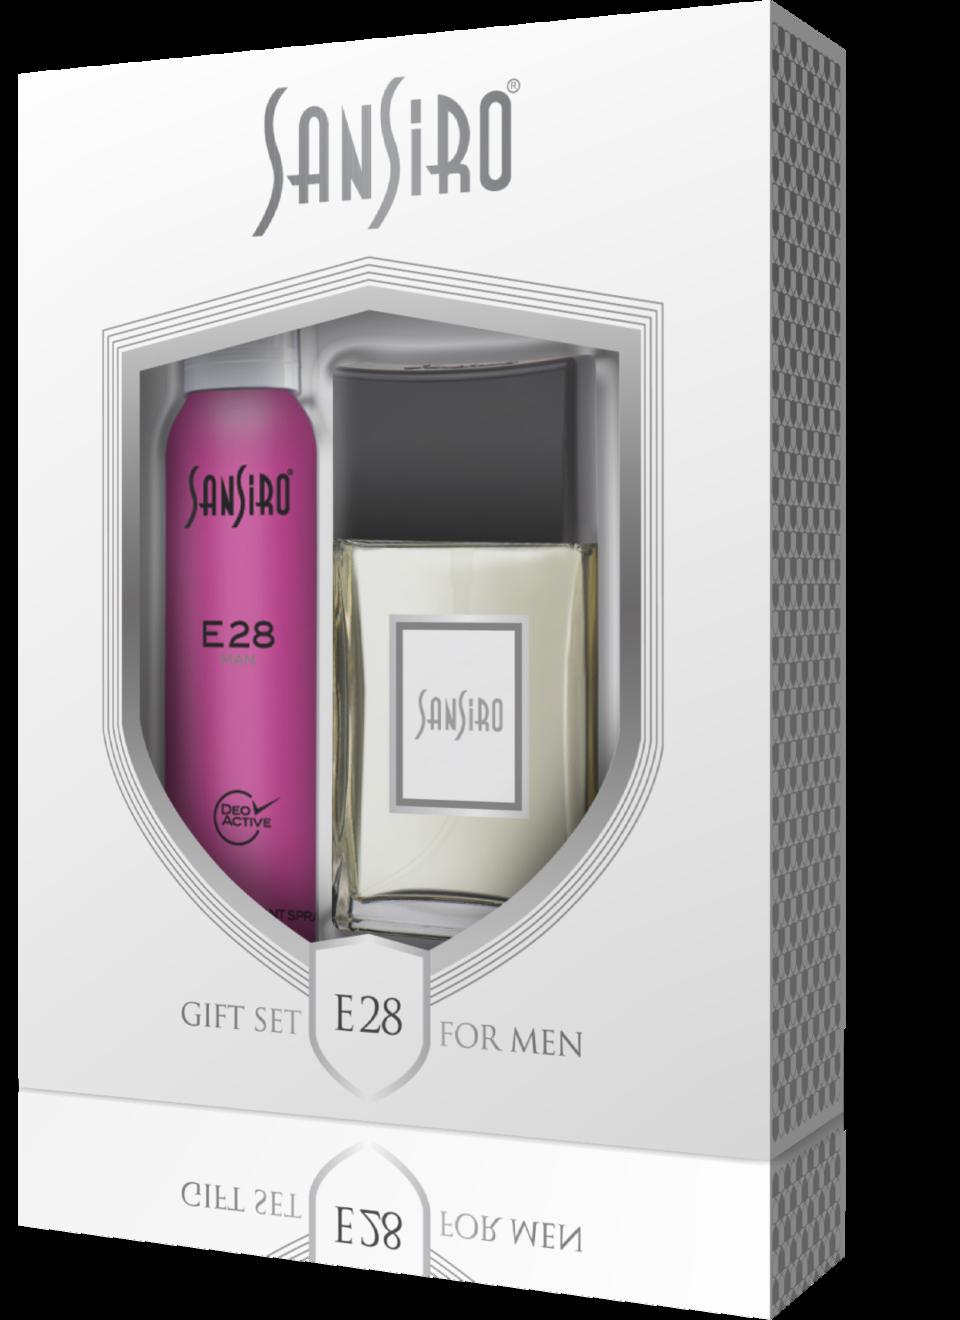 Sansiro Perfume - Gift Sets For Men - Geschenke Set E28